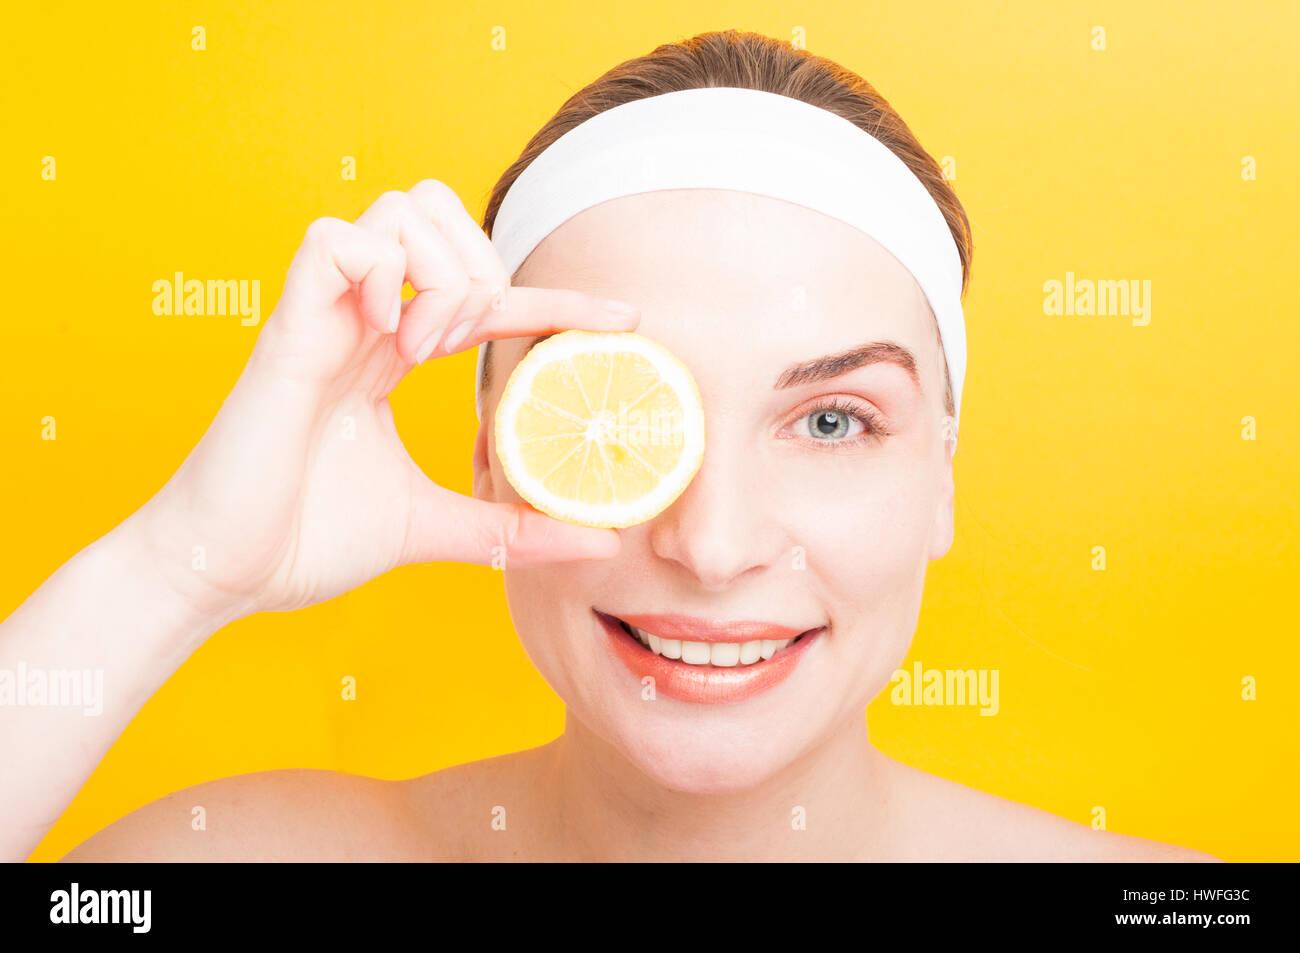 Natürliche Gesichtsmasken Konzept mit junge Frau und eine frische Zitronenscheibe auf gelbem Hintergrund Stockbild